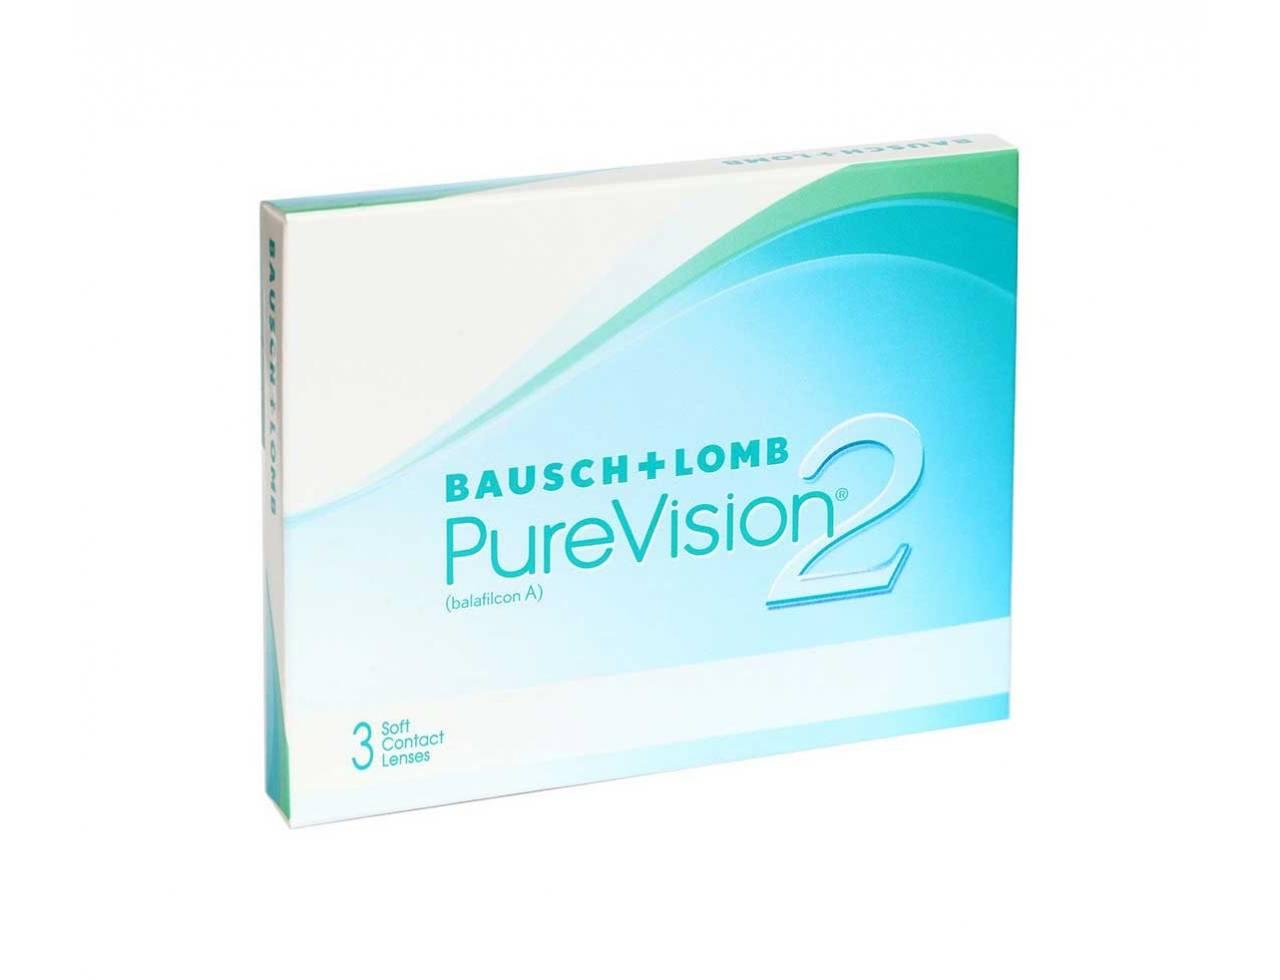 Месячные контактные линзы Bausch+Lomb Pure Vision 2